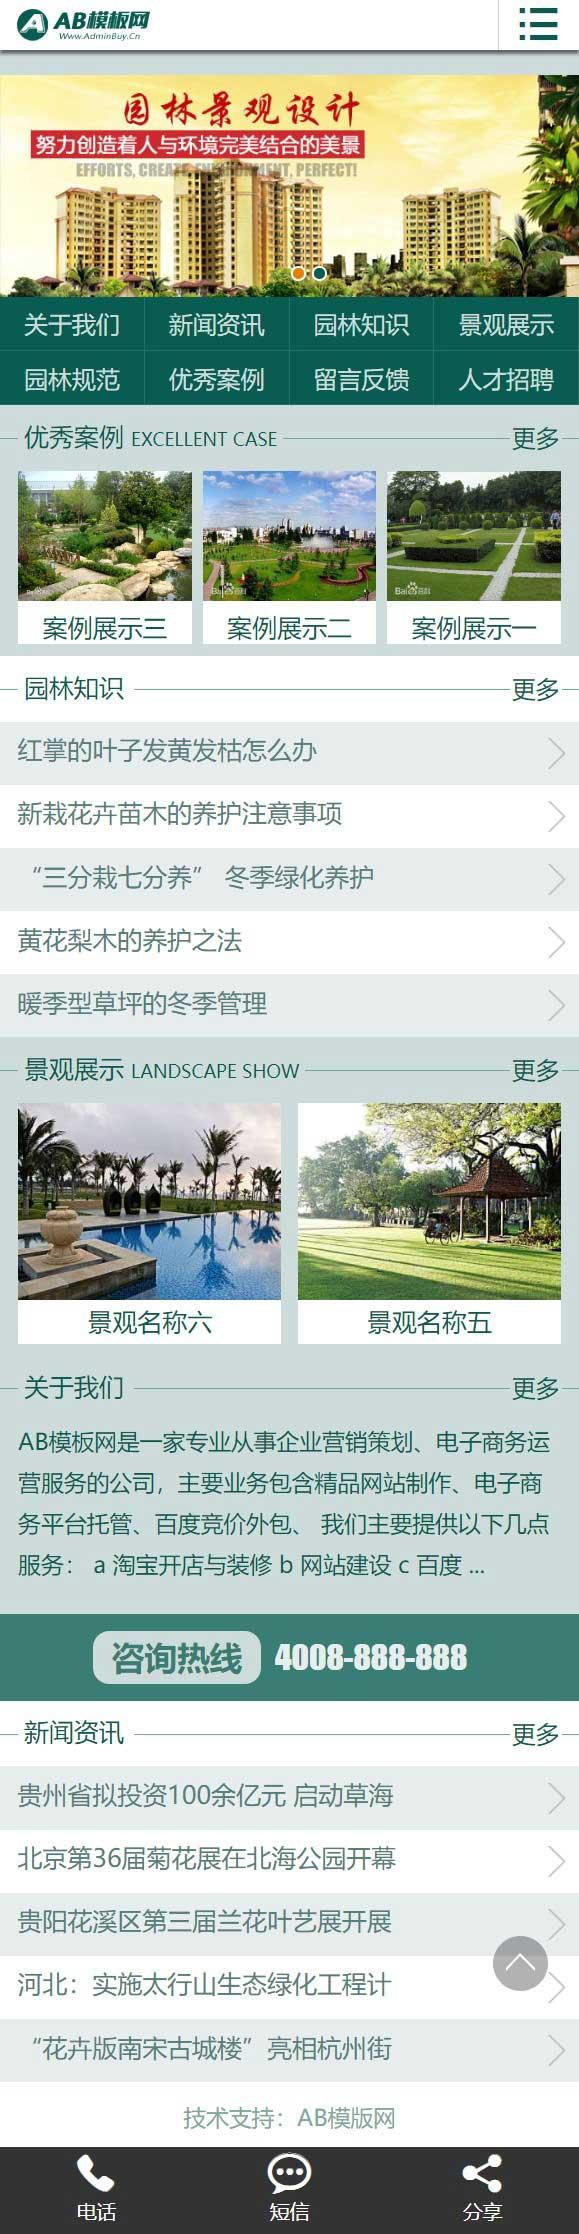 园林建筑企业网站织梦dede模板源码[带手机版数据同步]插图1